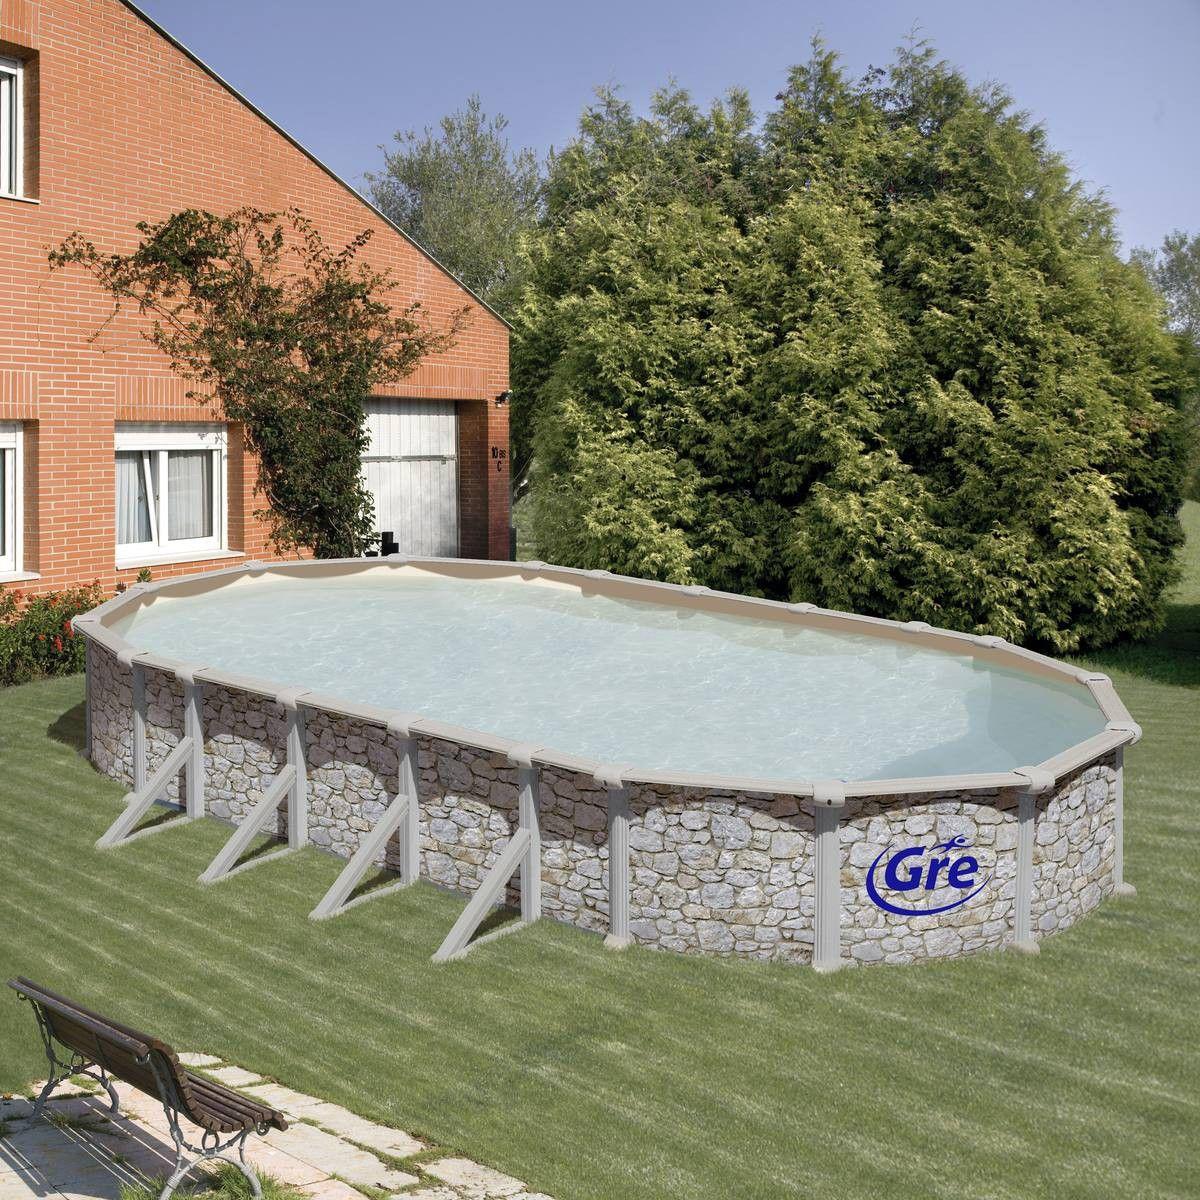 Piscine En Pierre Hors Sol piscine gre d730x375 h132 hors sol acier aspect pierre ovale